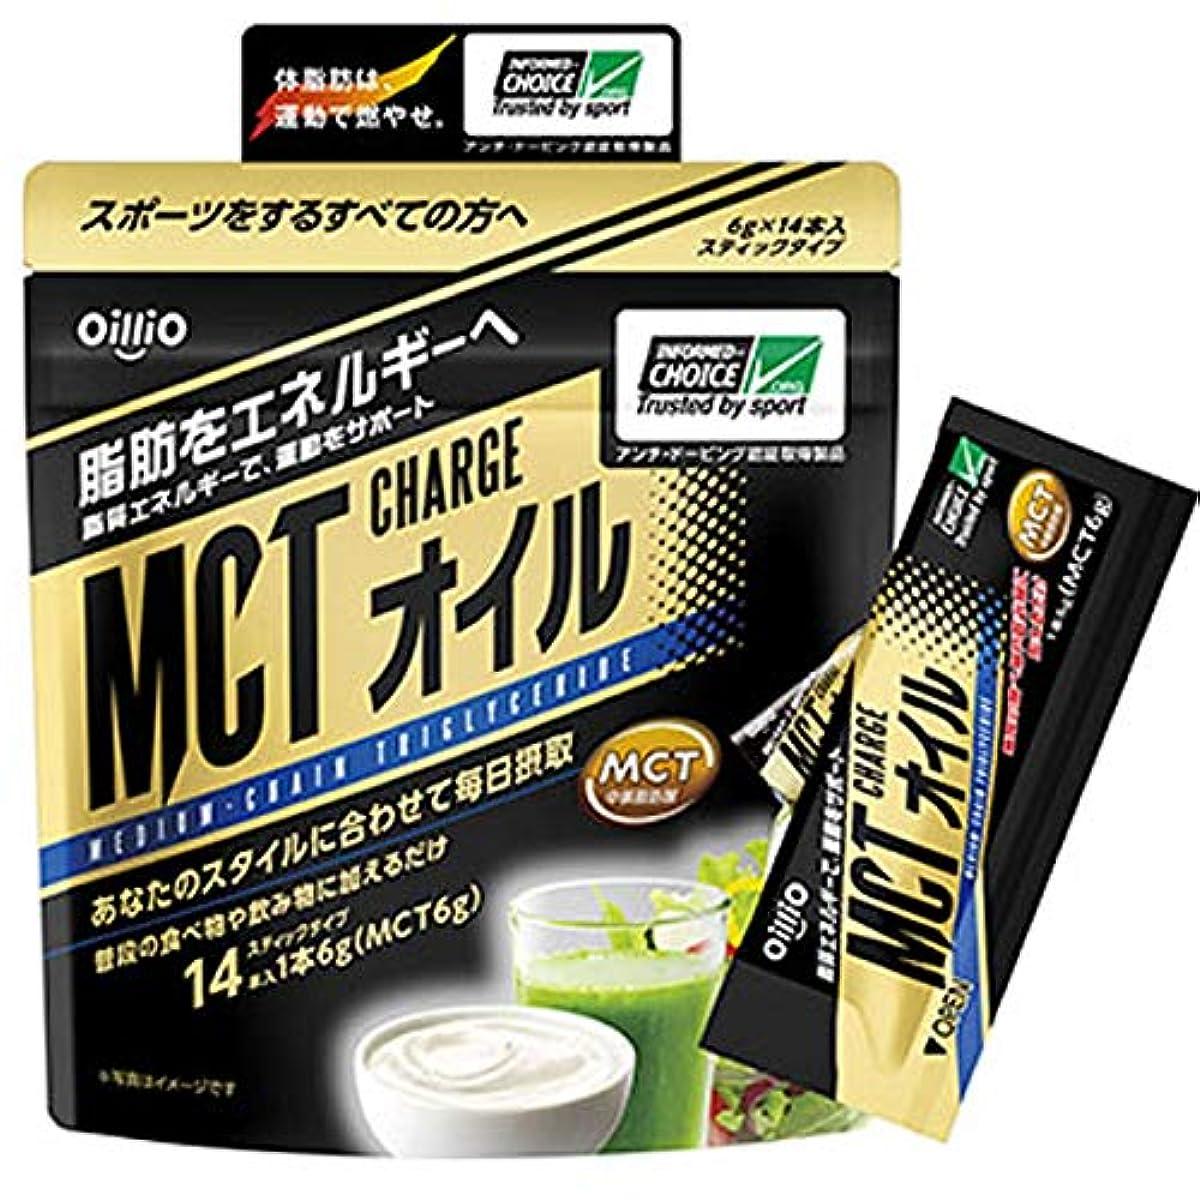 すずめグラマー水曜日MCT CHARGE オイル (6g×14本)×5個セット